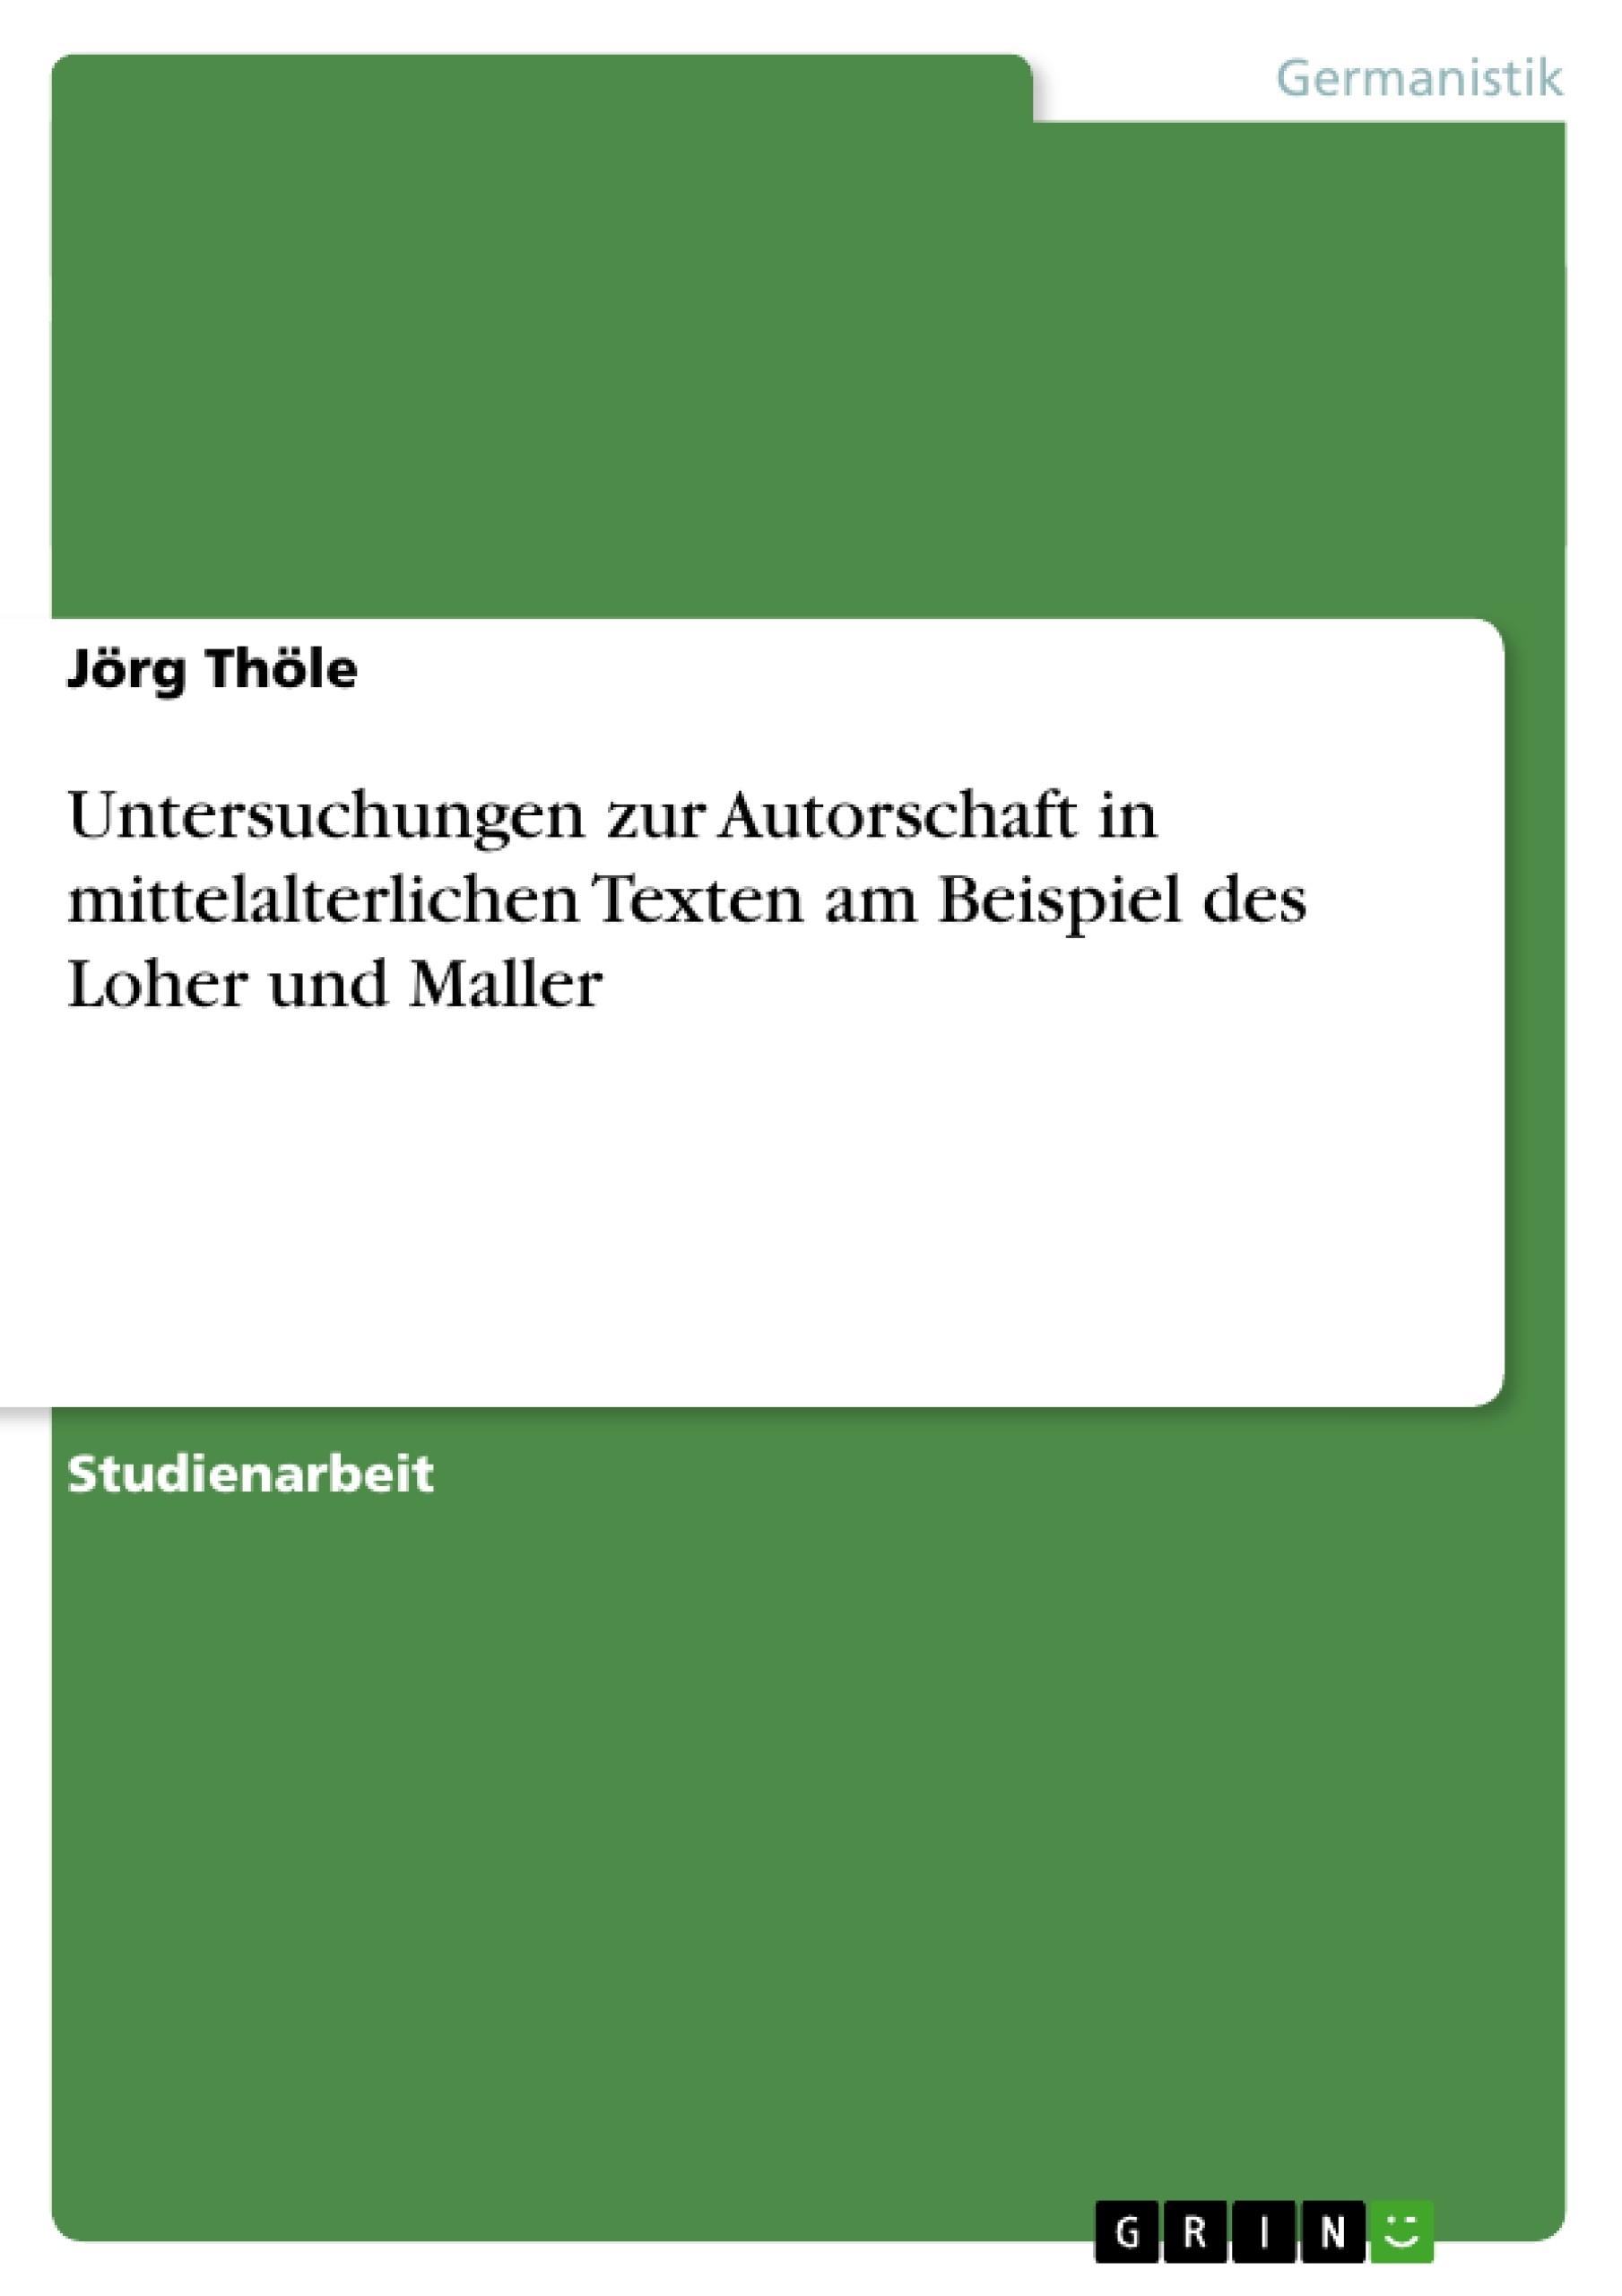 Titel: Untersuchungen zur Autorschaft in mittelalterlichen Texten am Beispiel des Loher und Maller